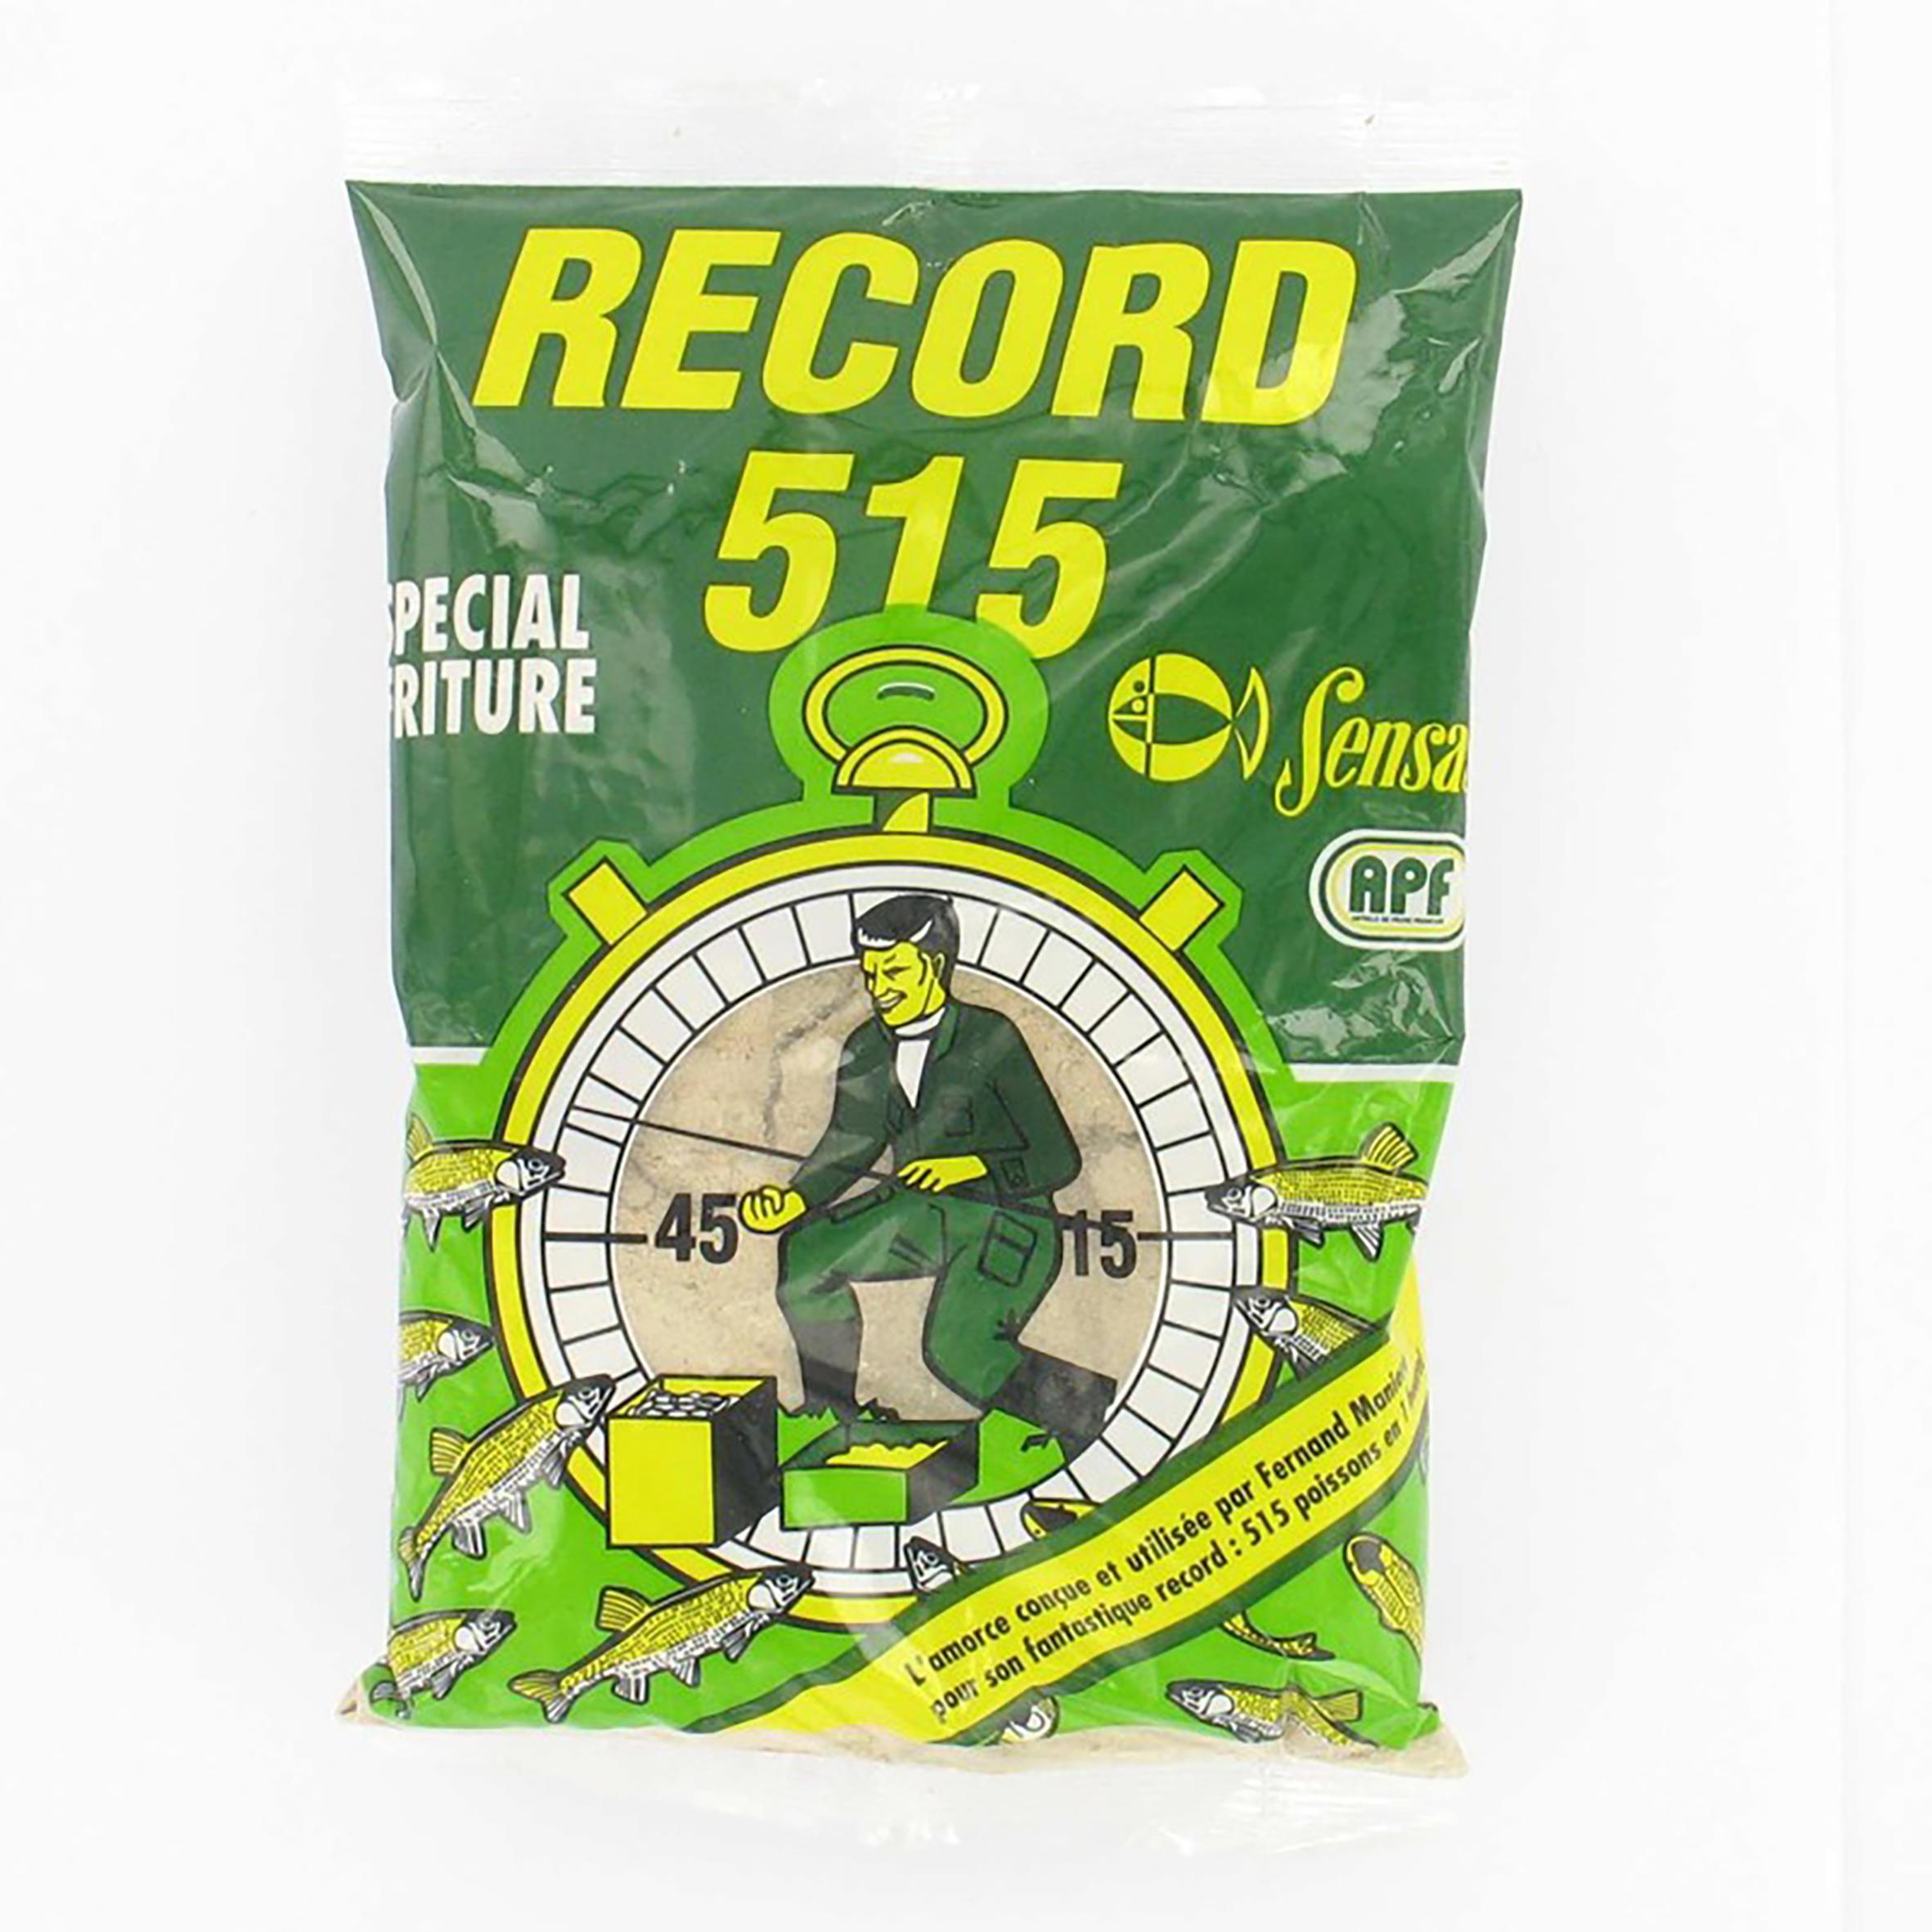 Nadă Record 515 Galben 0.8 kg la Reducere poza